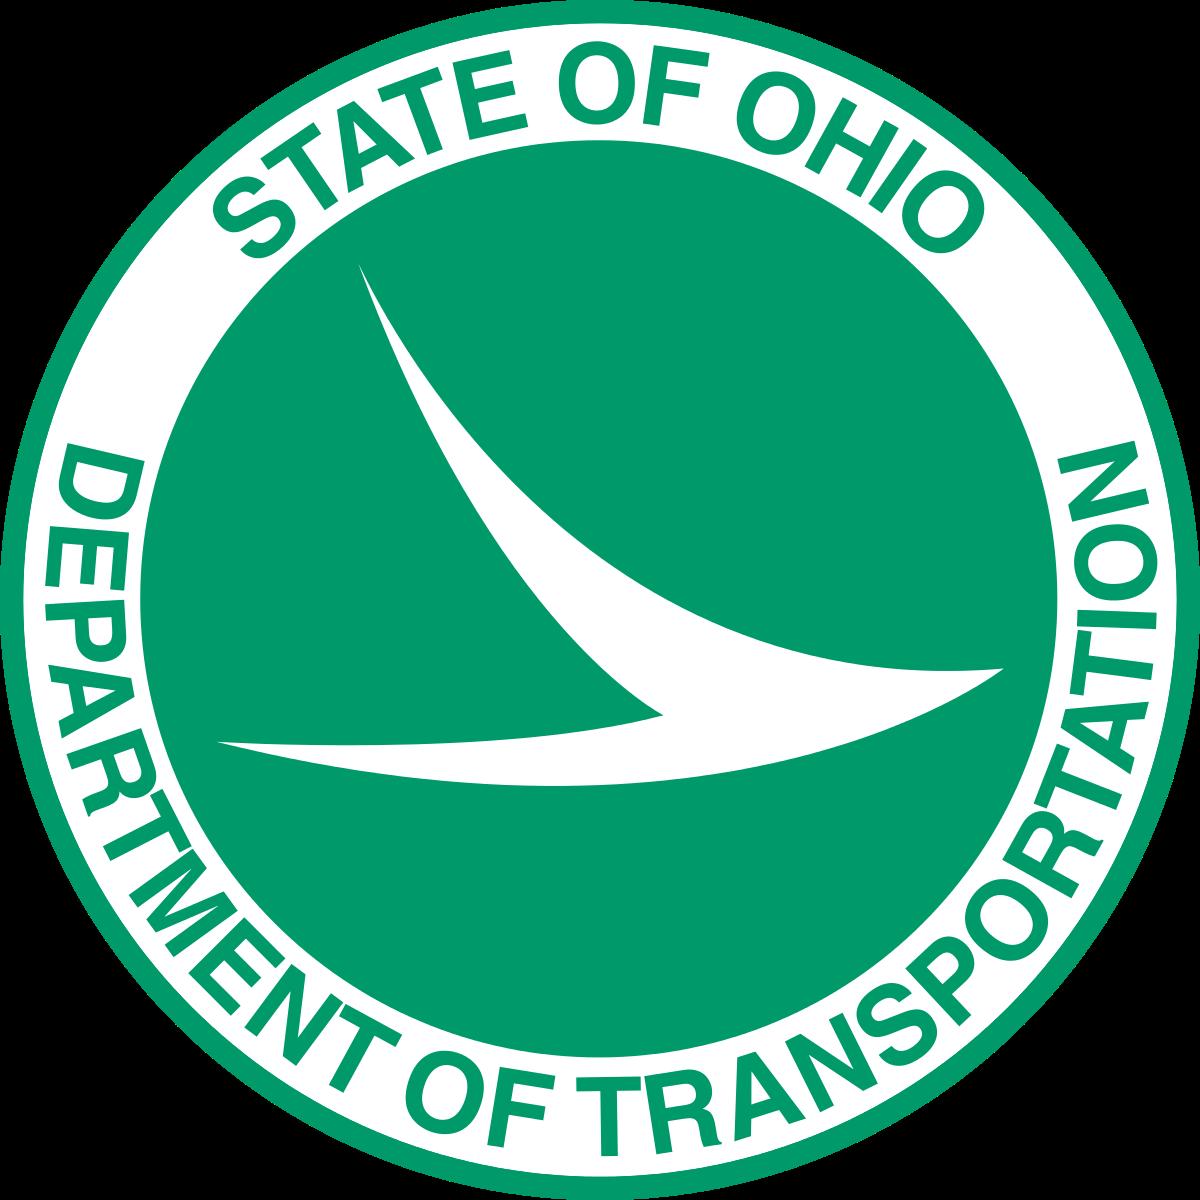 Ohio Department of Transportation